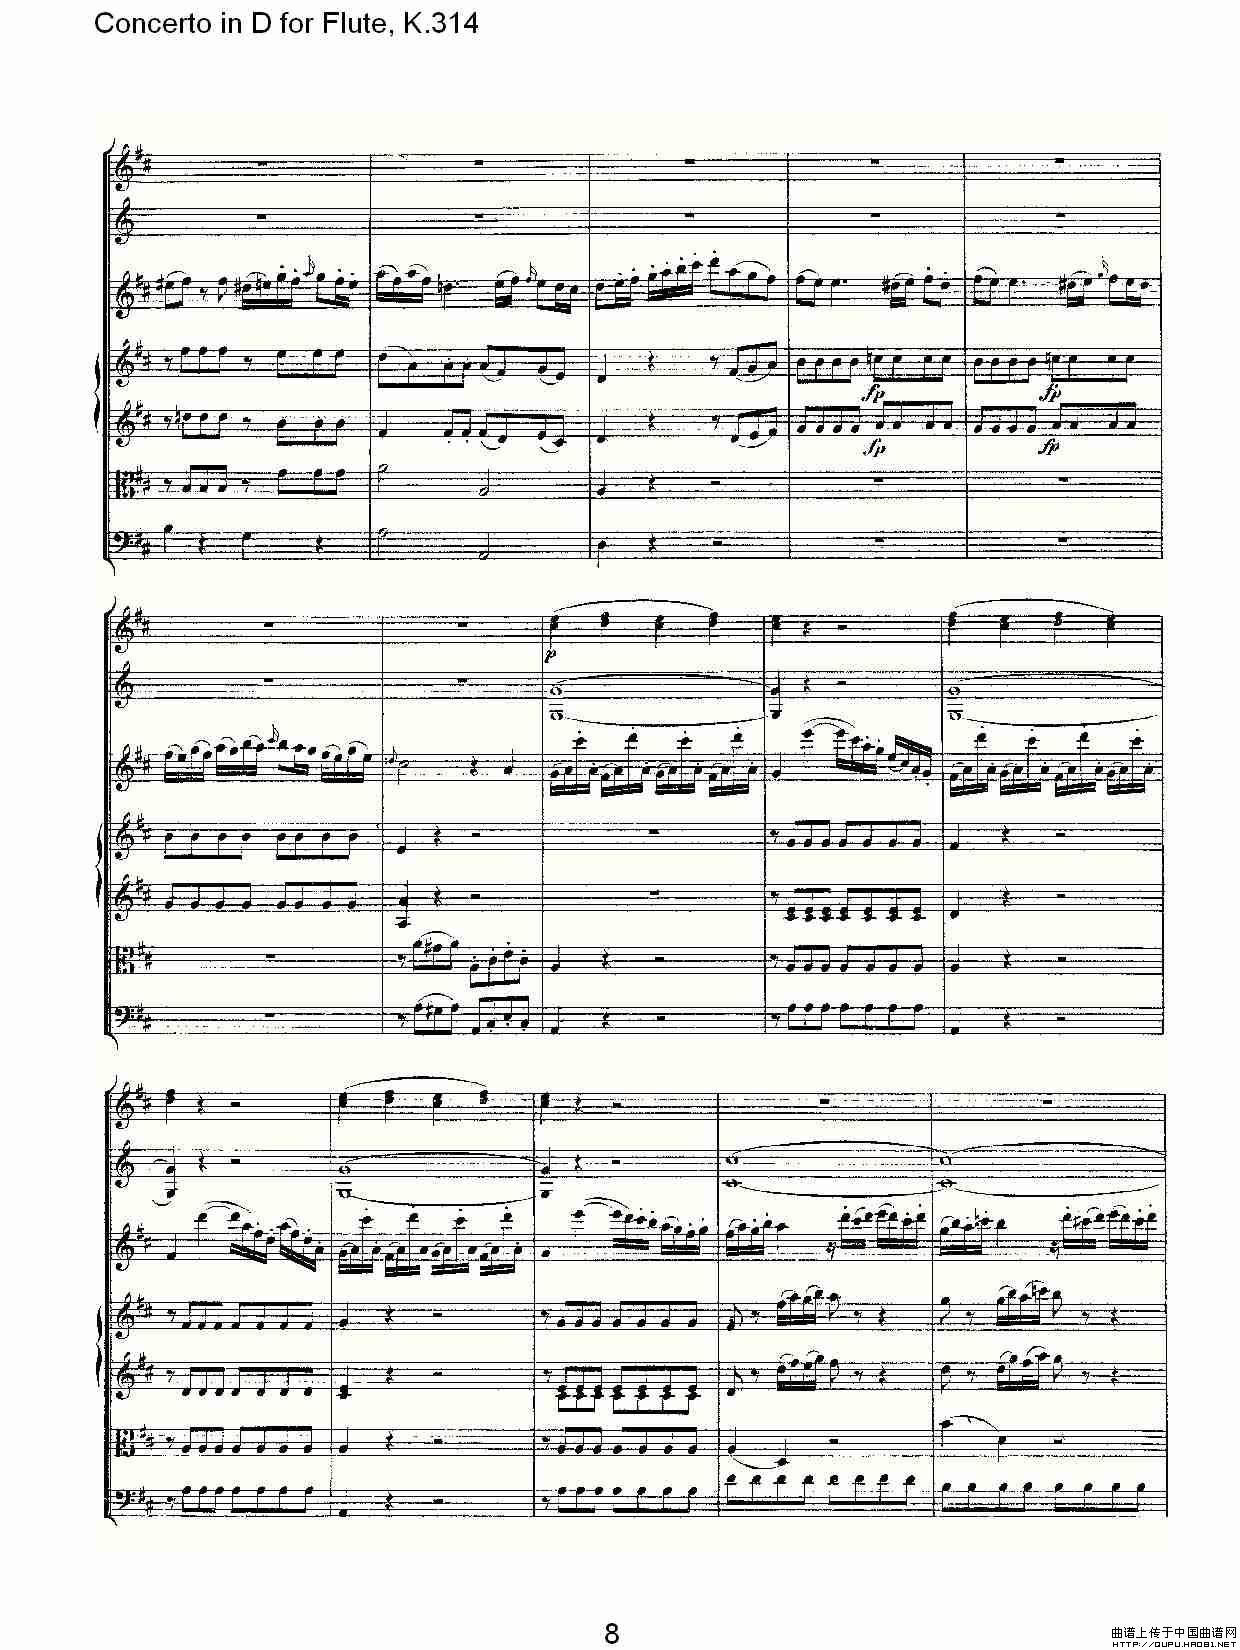 十一年横笛曲谱